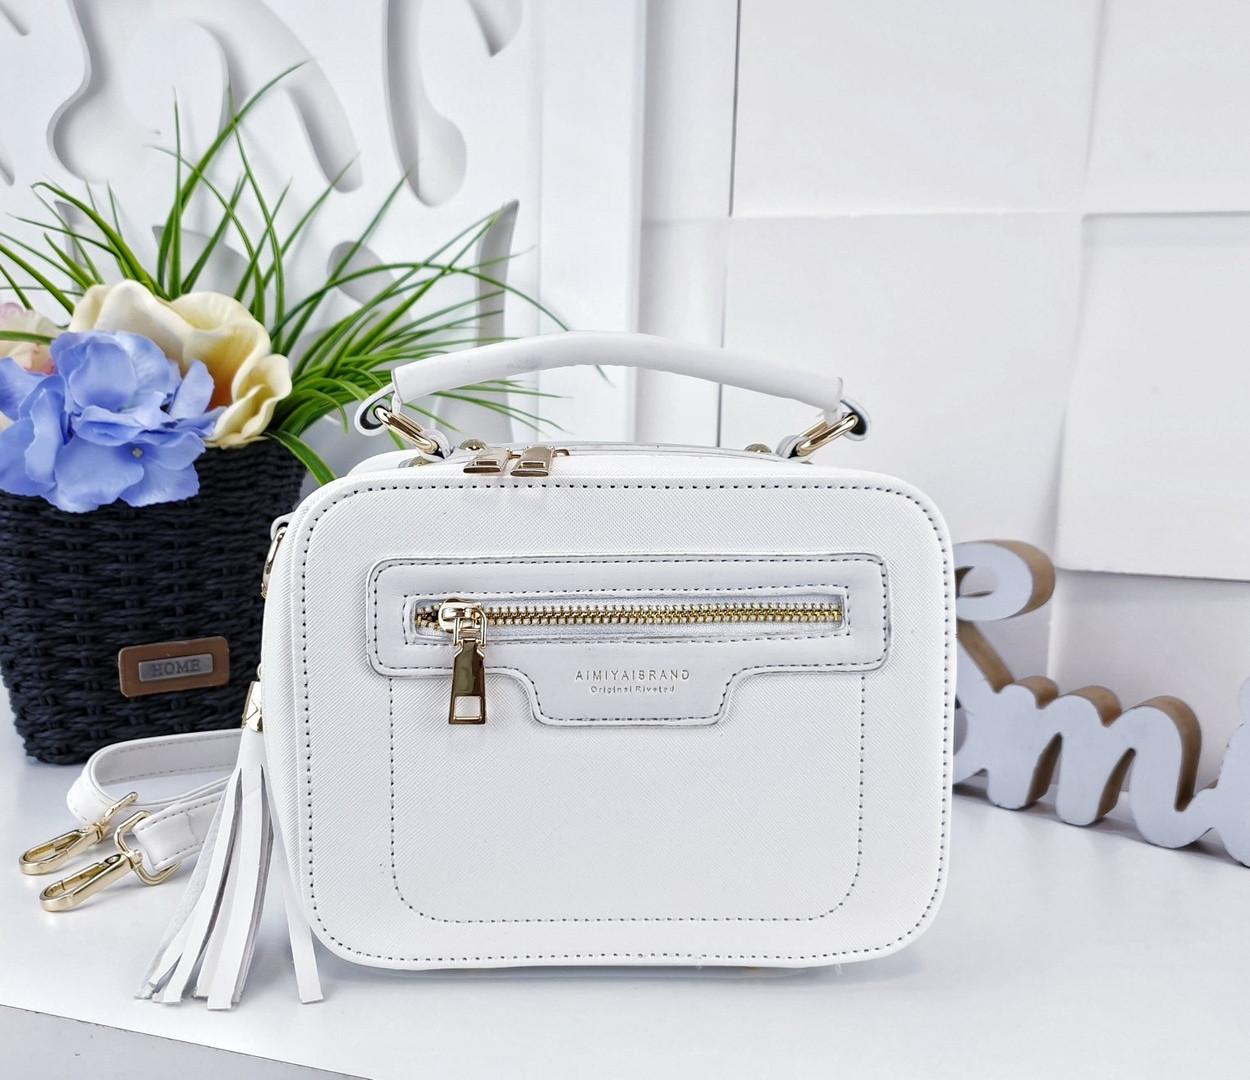 a13ab8c667af Модная сумка-клатч из искусственной кожи белого цвета с украшением  кисточкой - Баэль в Харькове